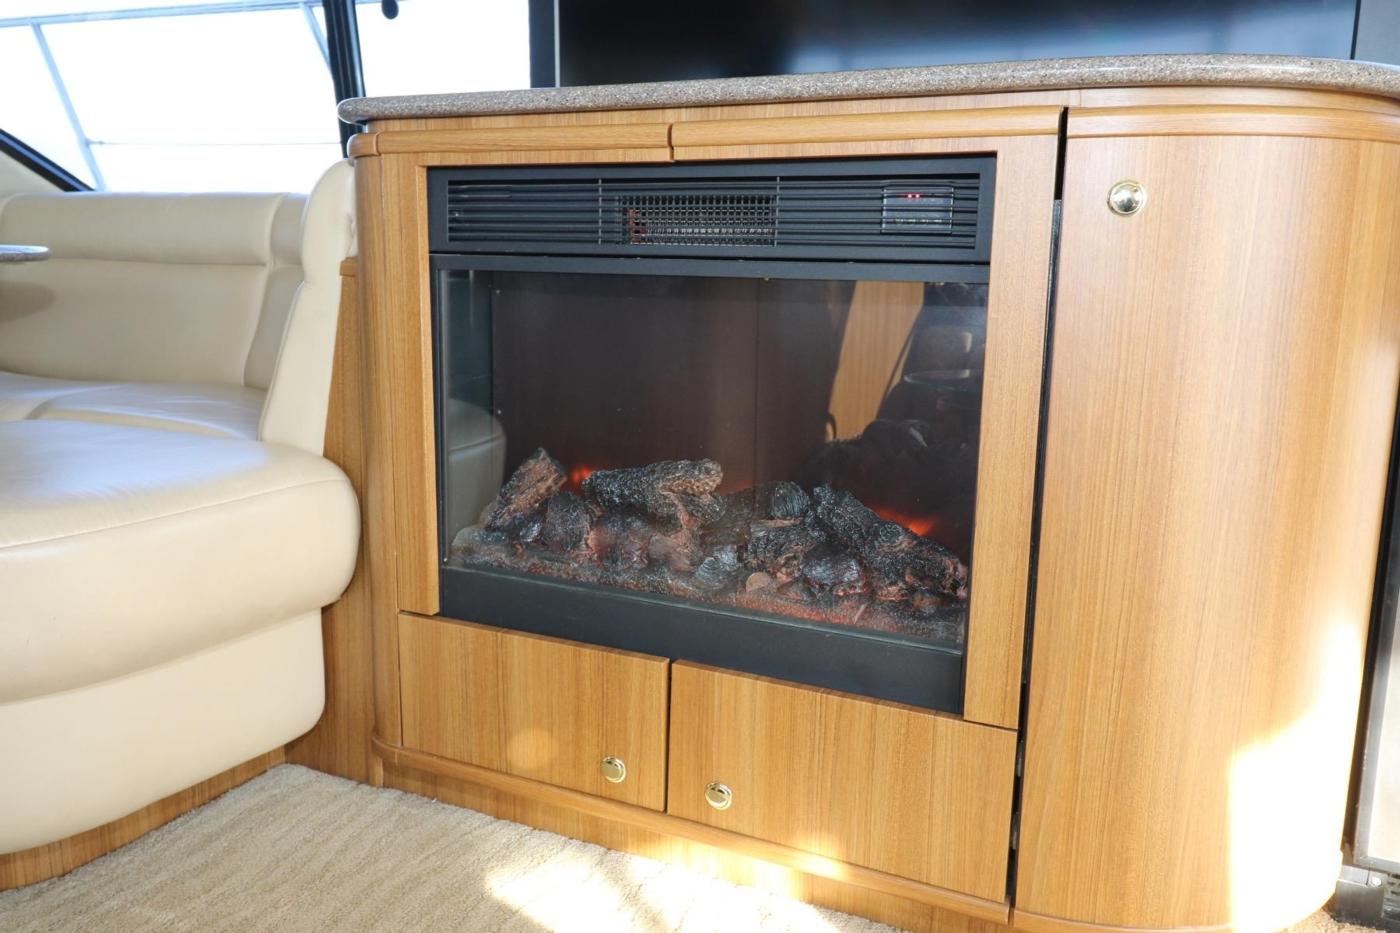 1999 Bayliner 5788 Pilot House Motoryacht, Electtric Fireplace